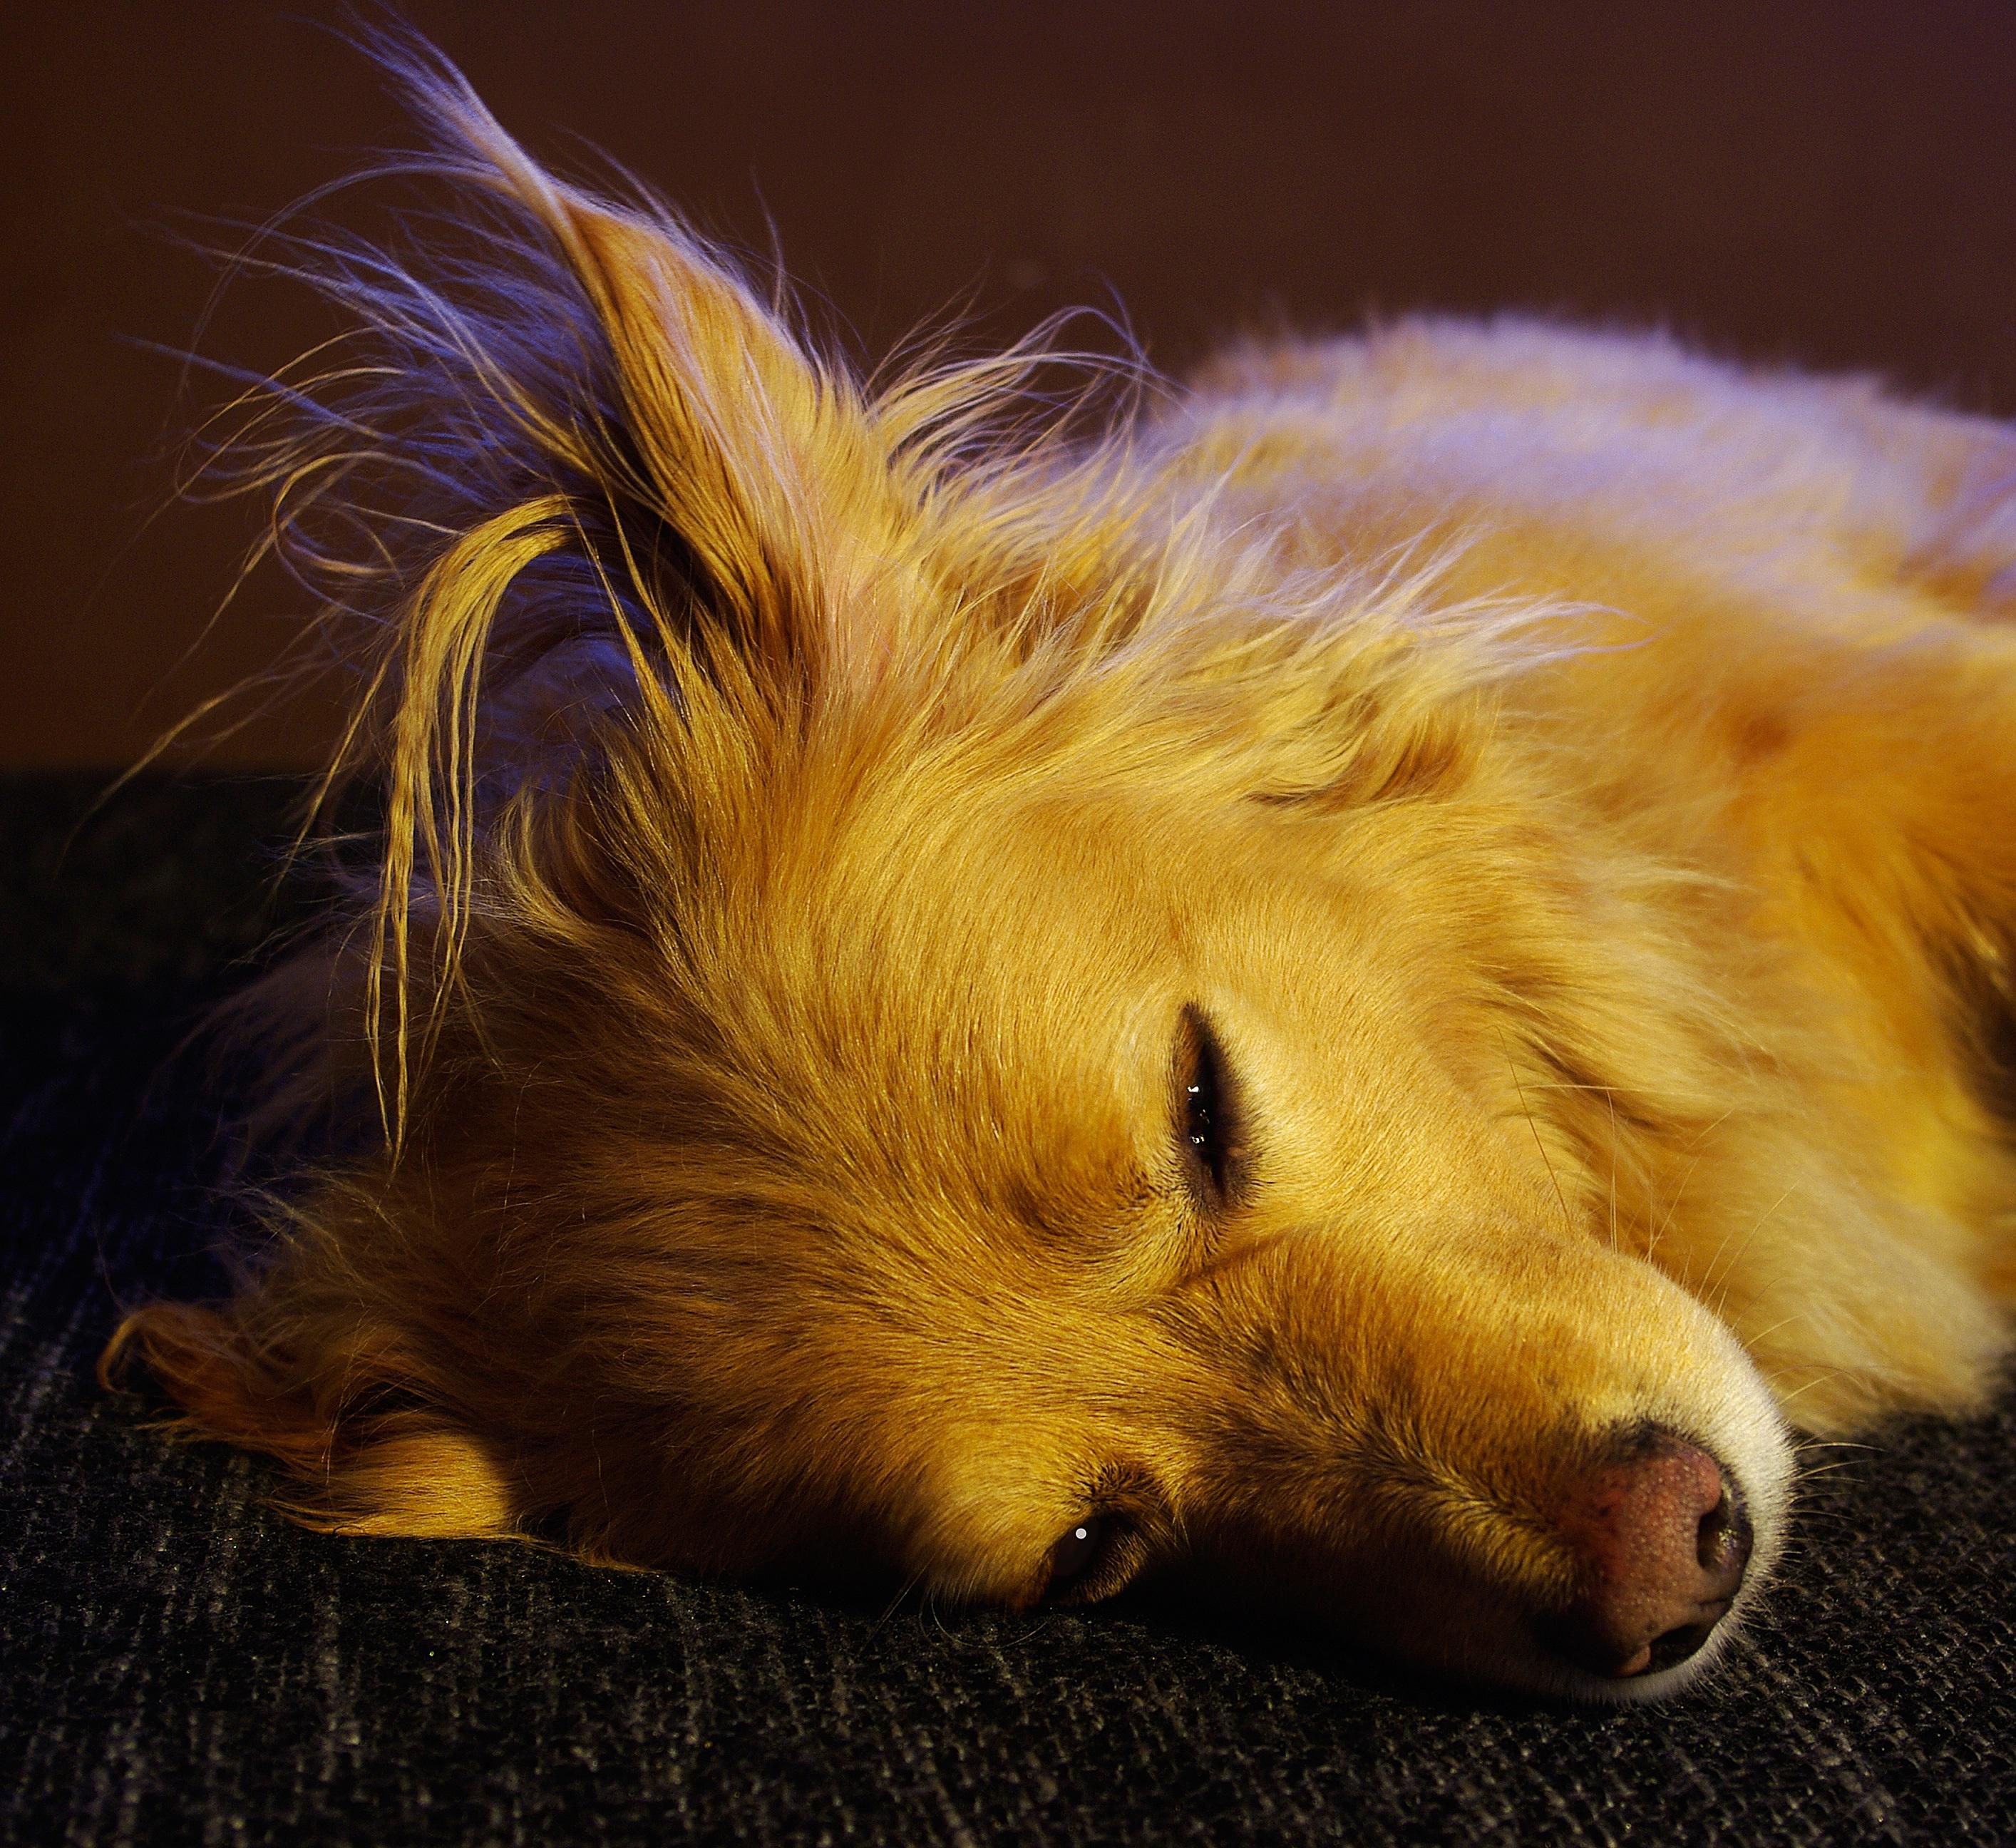 無料画像 子犬 野生動物 ペット 毛皮 褐色 閉じる 動物相